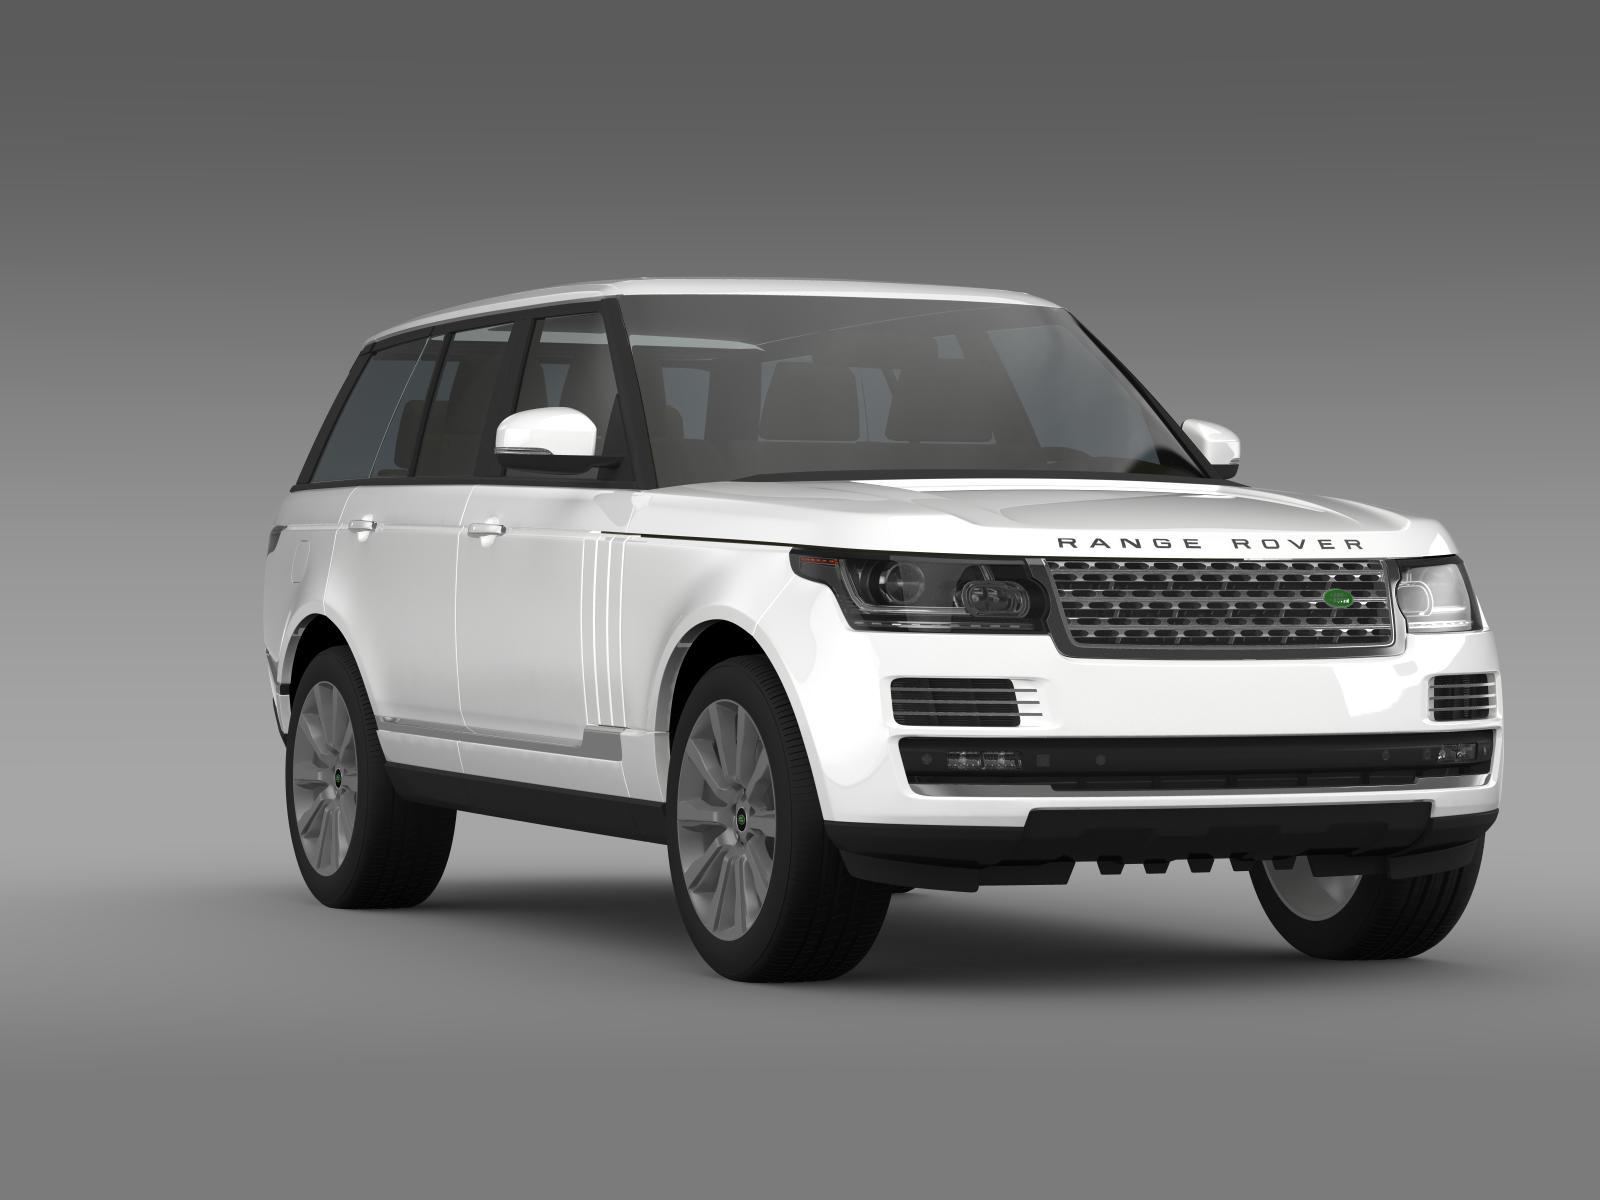 range rover vogue se sdv8 l405 3d model buy range rover vogue se sdv8 l405 3d model flatpyramid. Black Bedroom Furniture Sets. Home Design Ideas